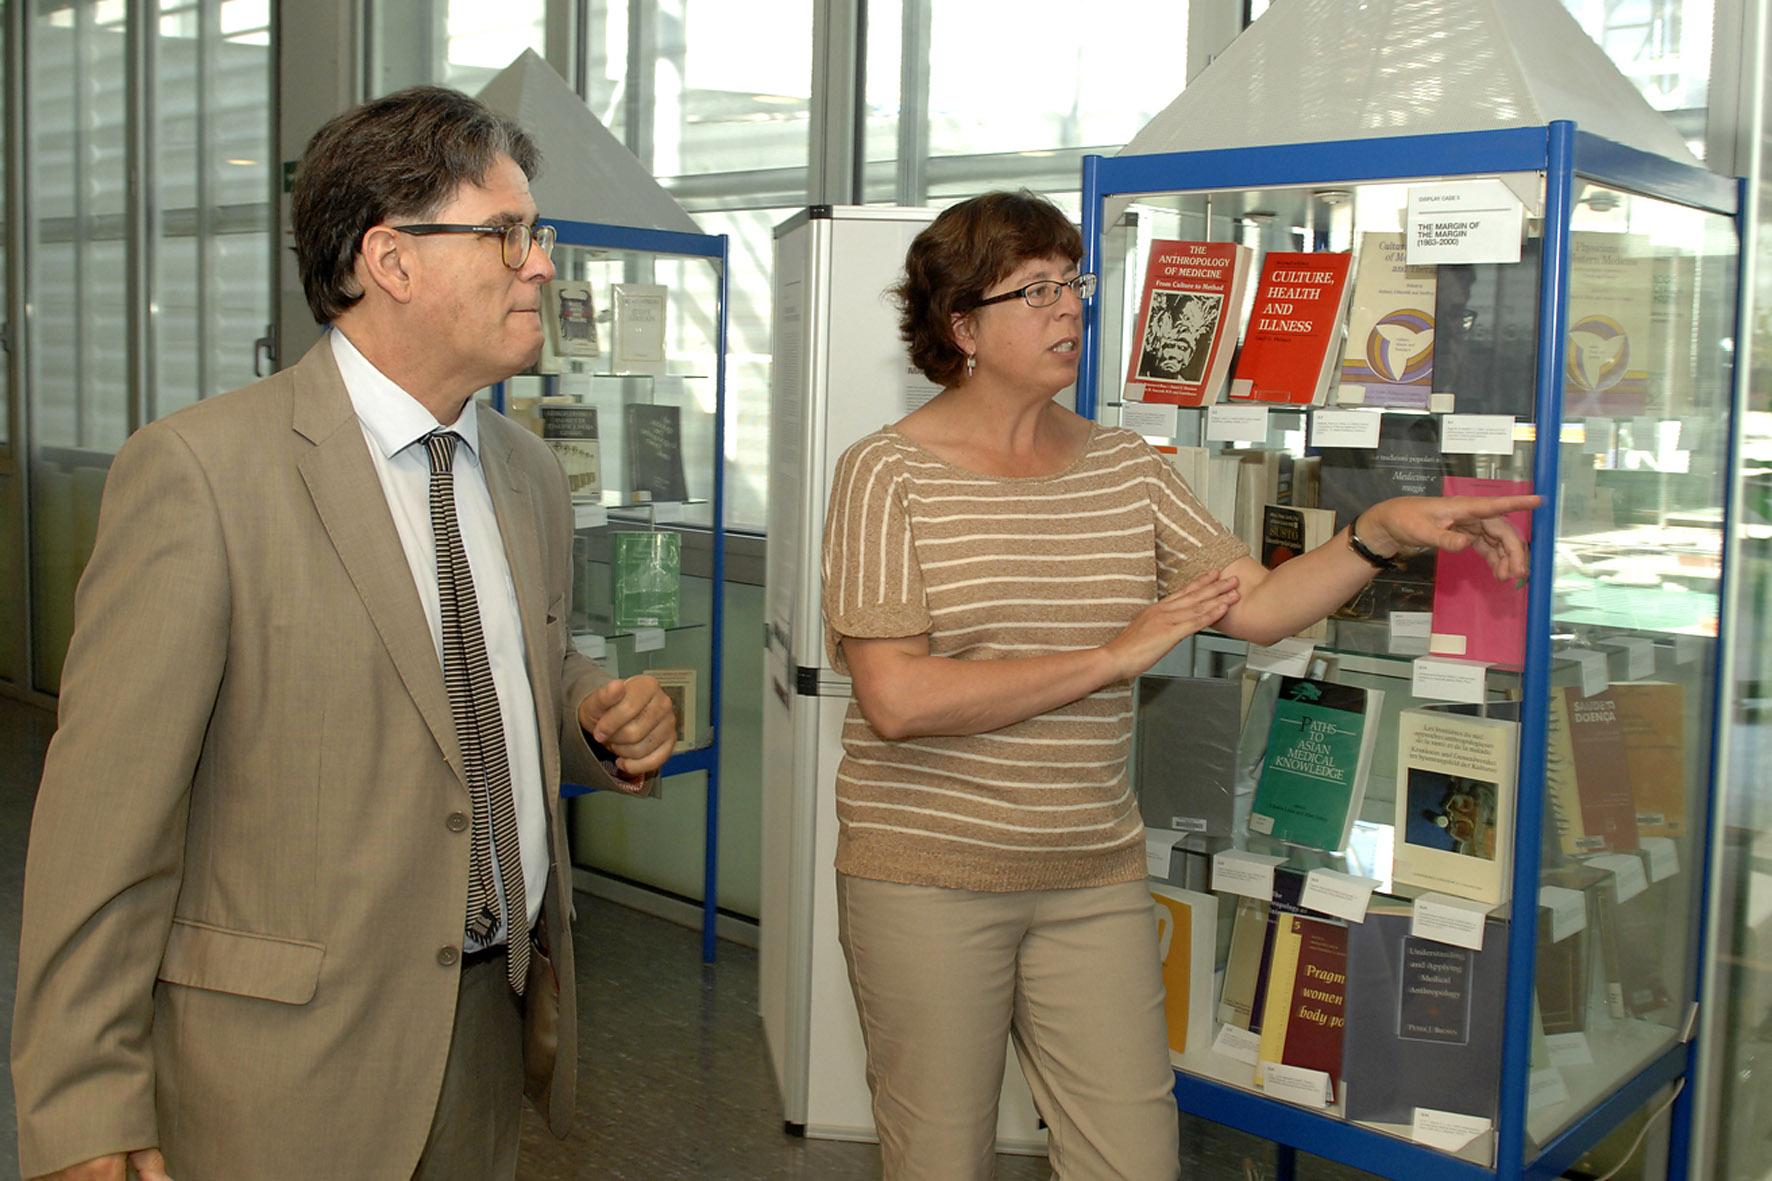 Josep Mª Comelles, de la URV i la nordamericana Elizabeth Cartwright, coorganitzadors del congrés d'antropologia mèdica que se celebra a Tarragona (foto: URV)